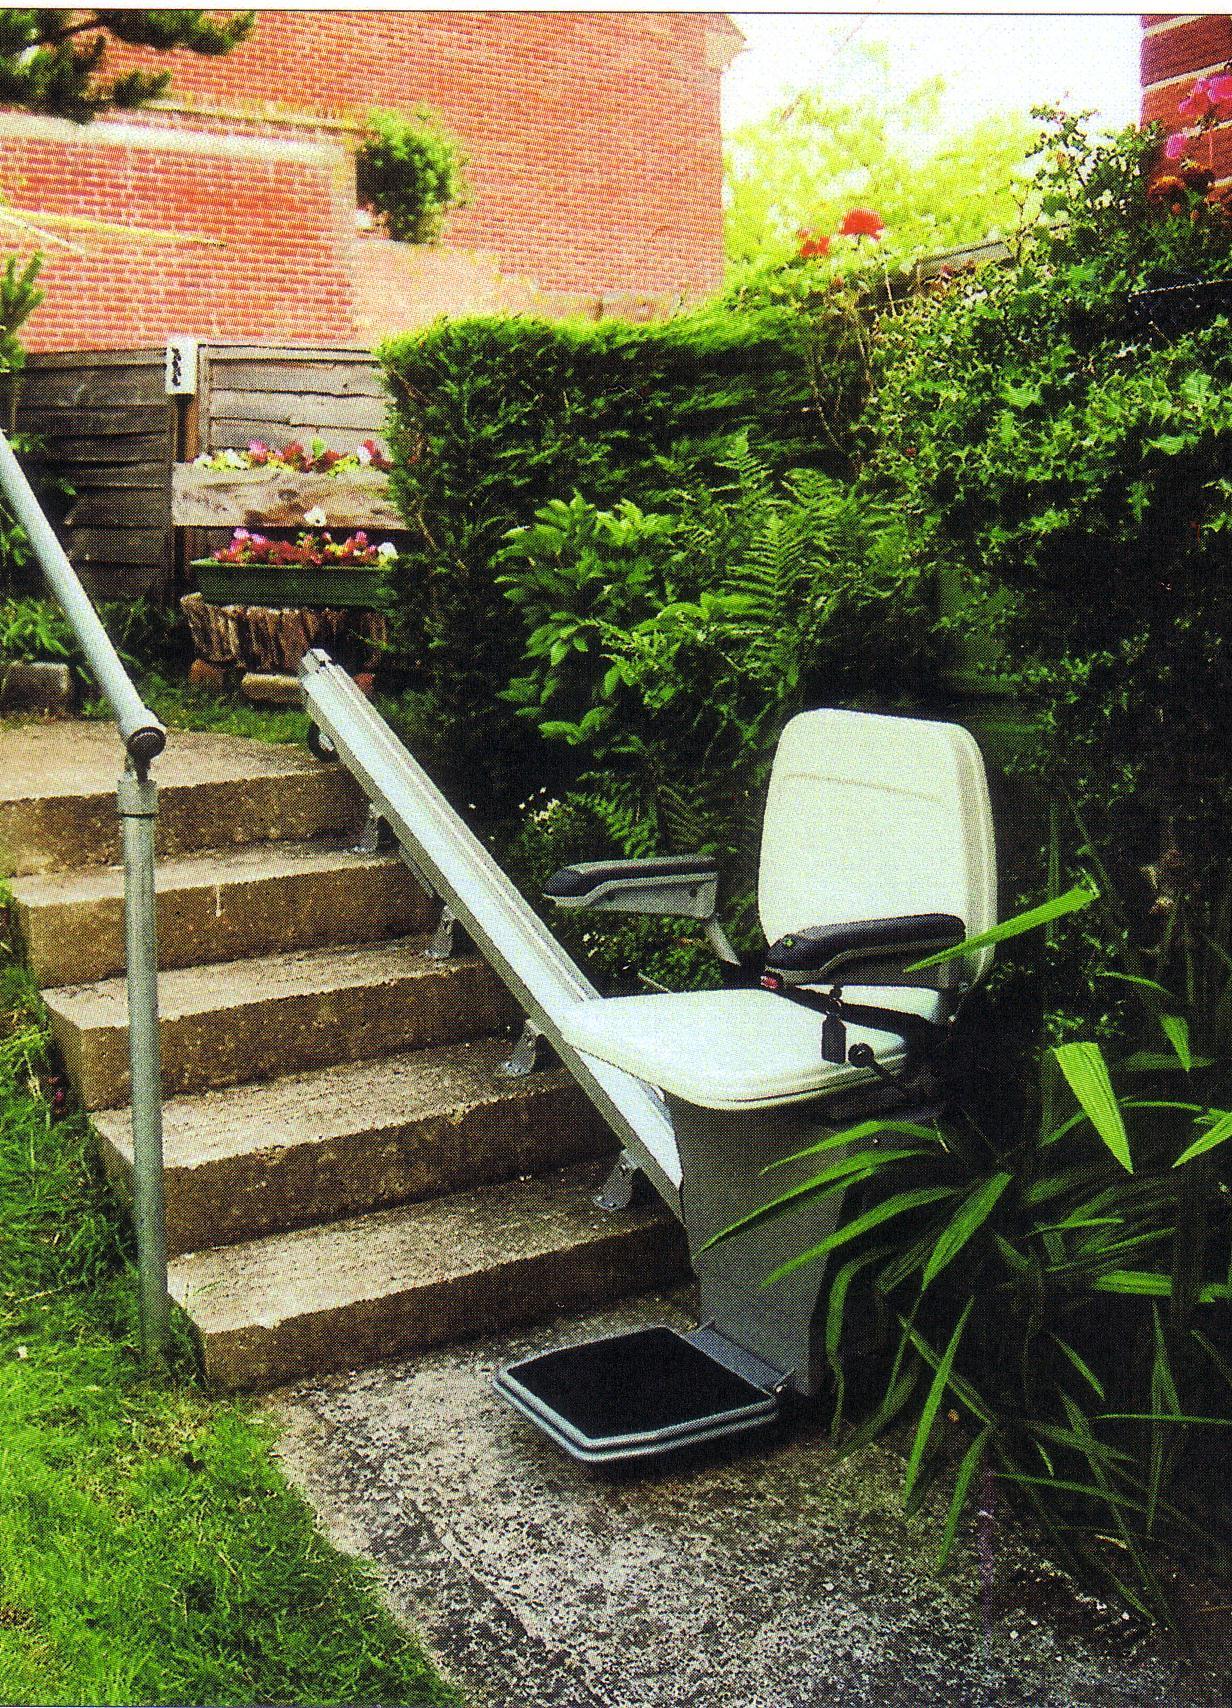 Ein Sessellift für den Weg in den Garten